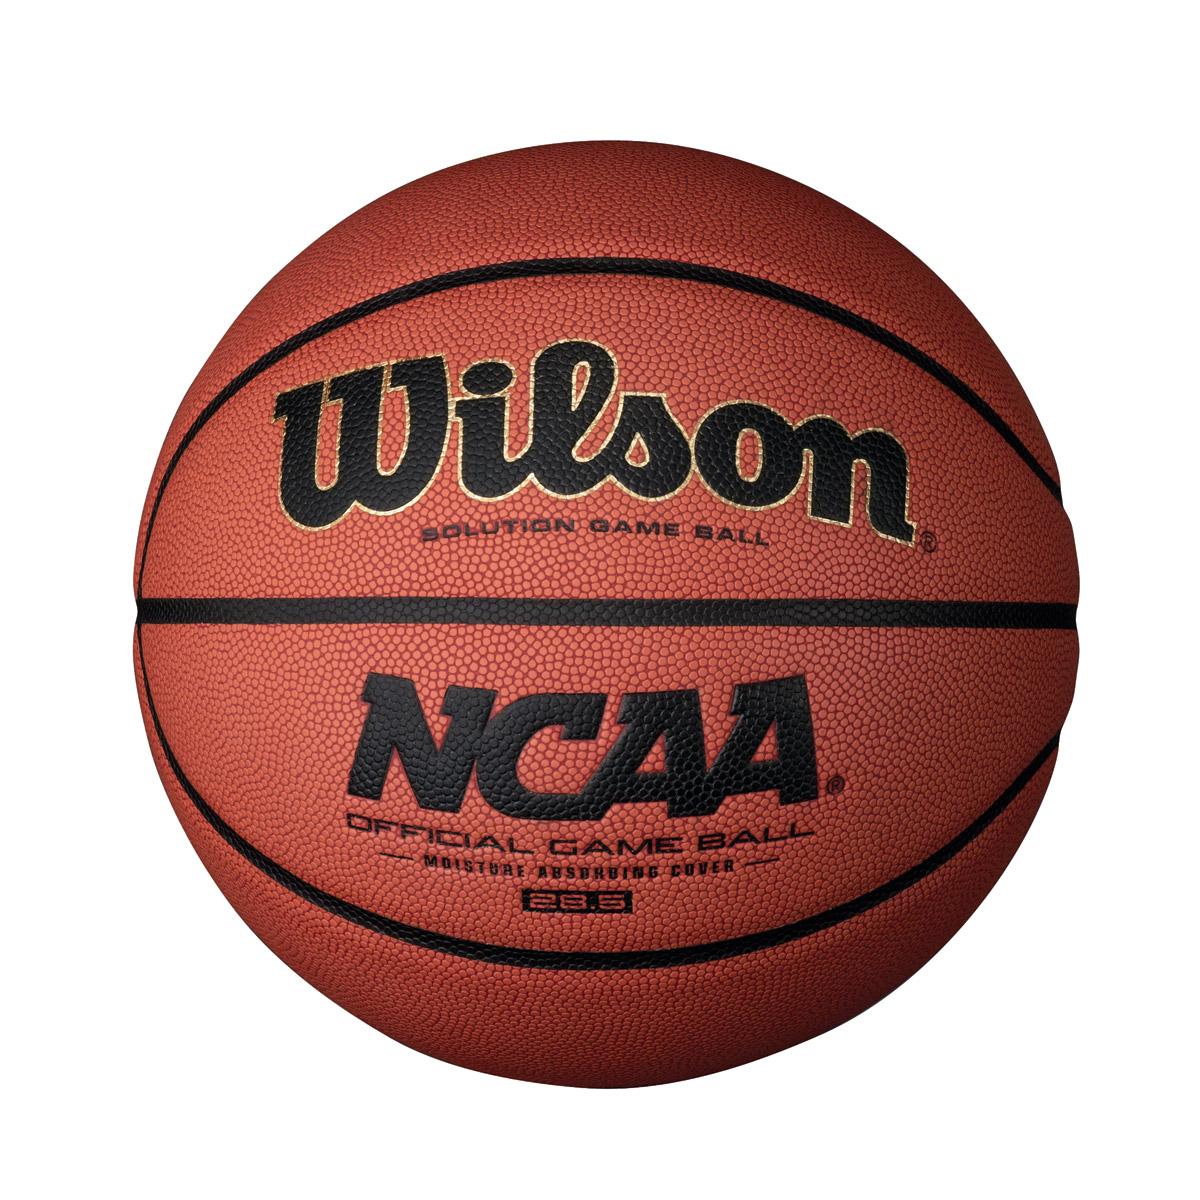 Ncaa basketball png